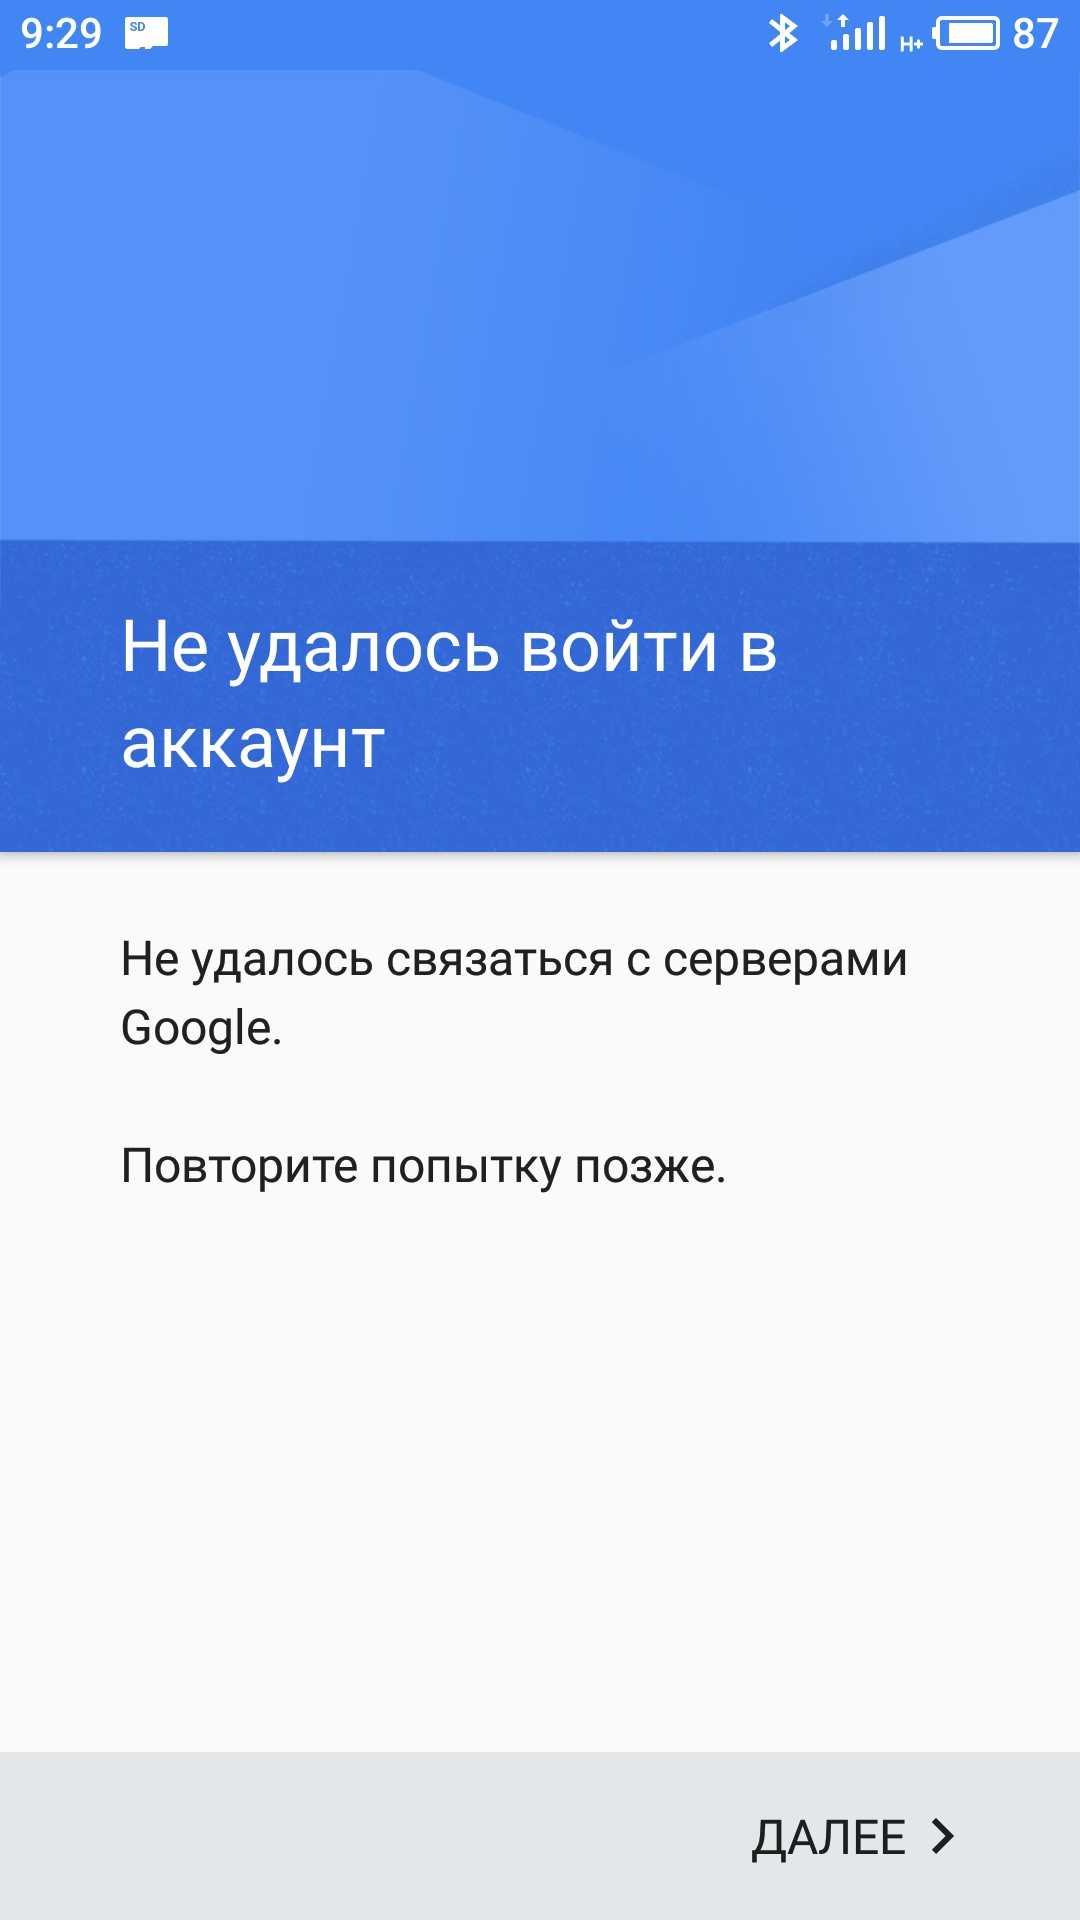 Не удалось связаться с серверами google, не подключается к гугл плей сервисам, почему возникает ошибка на андроид и bluestacks